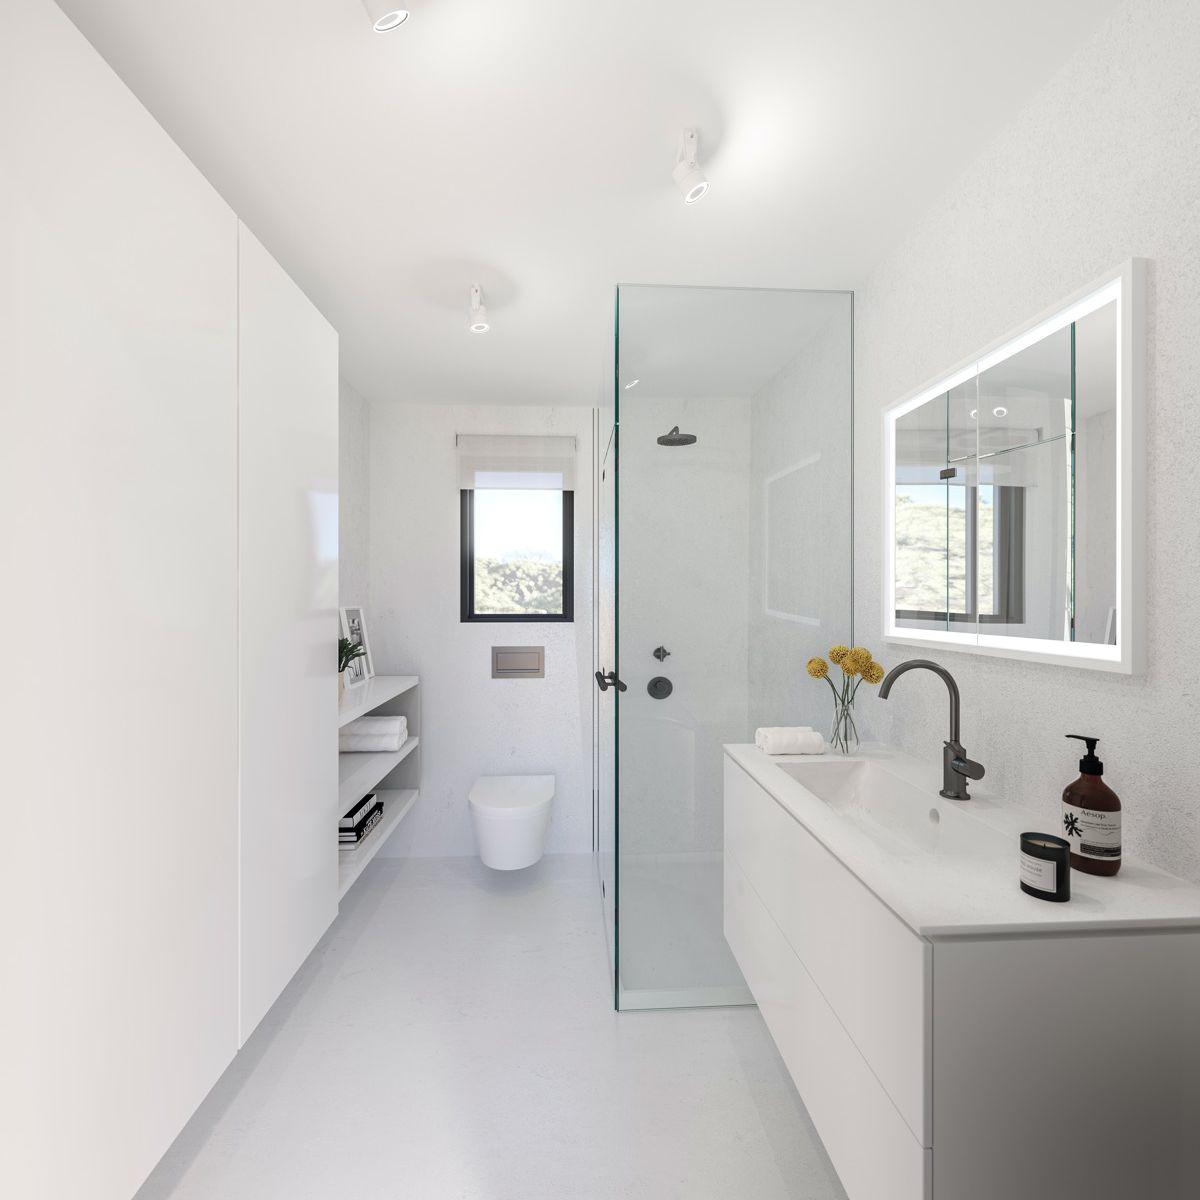 BUD bathroom